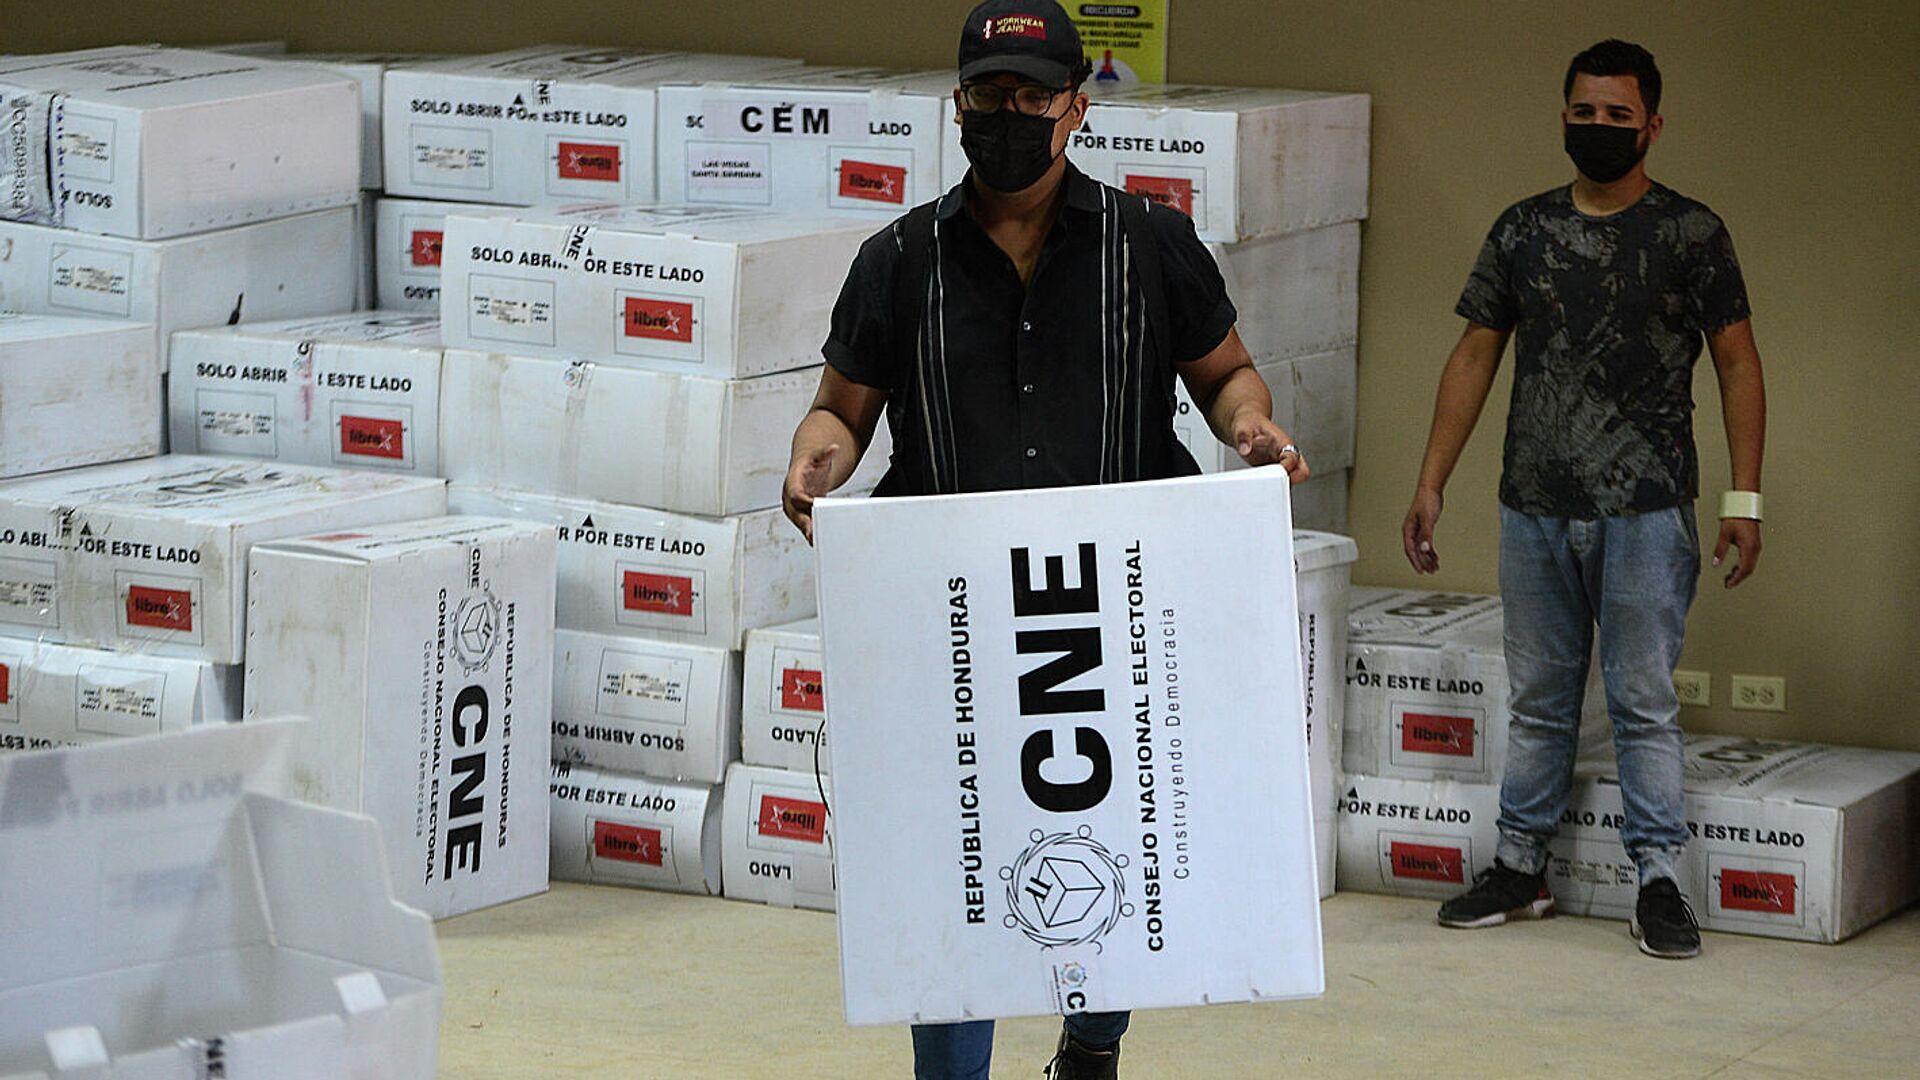 Escrutinio de los votos en las elecciones primarias de Honduras - Sputnik Mundo, 1920, 22.03.2021